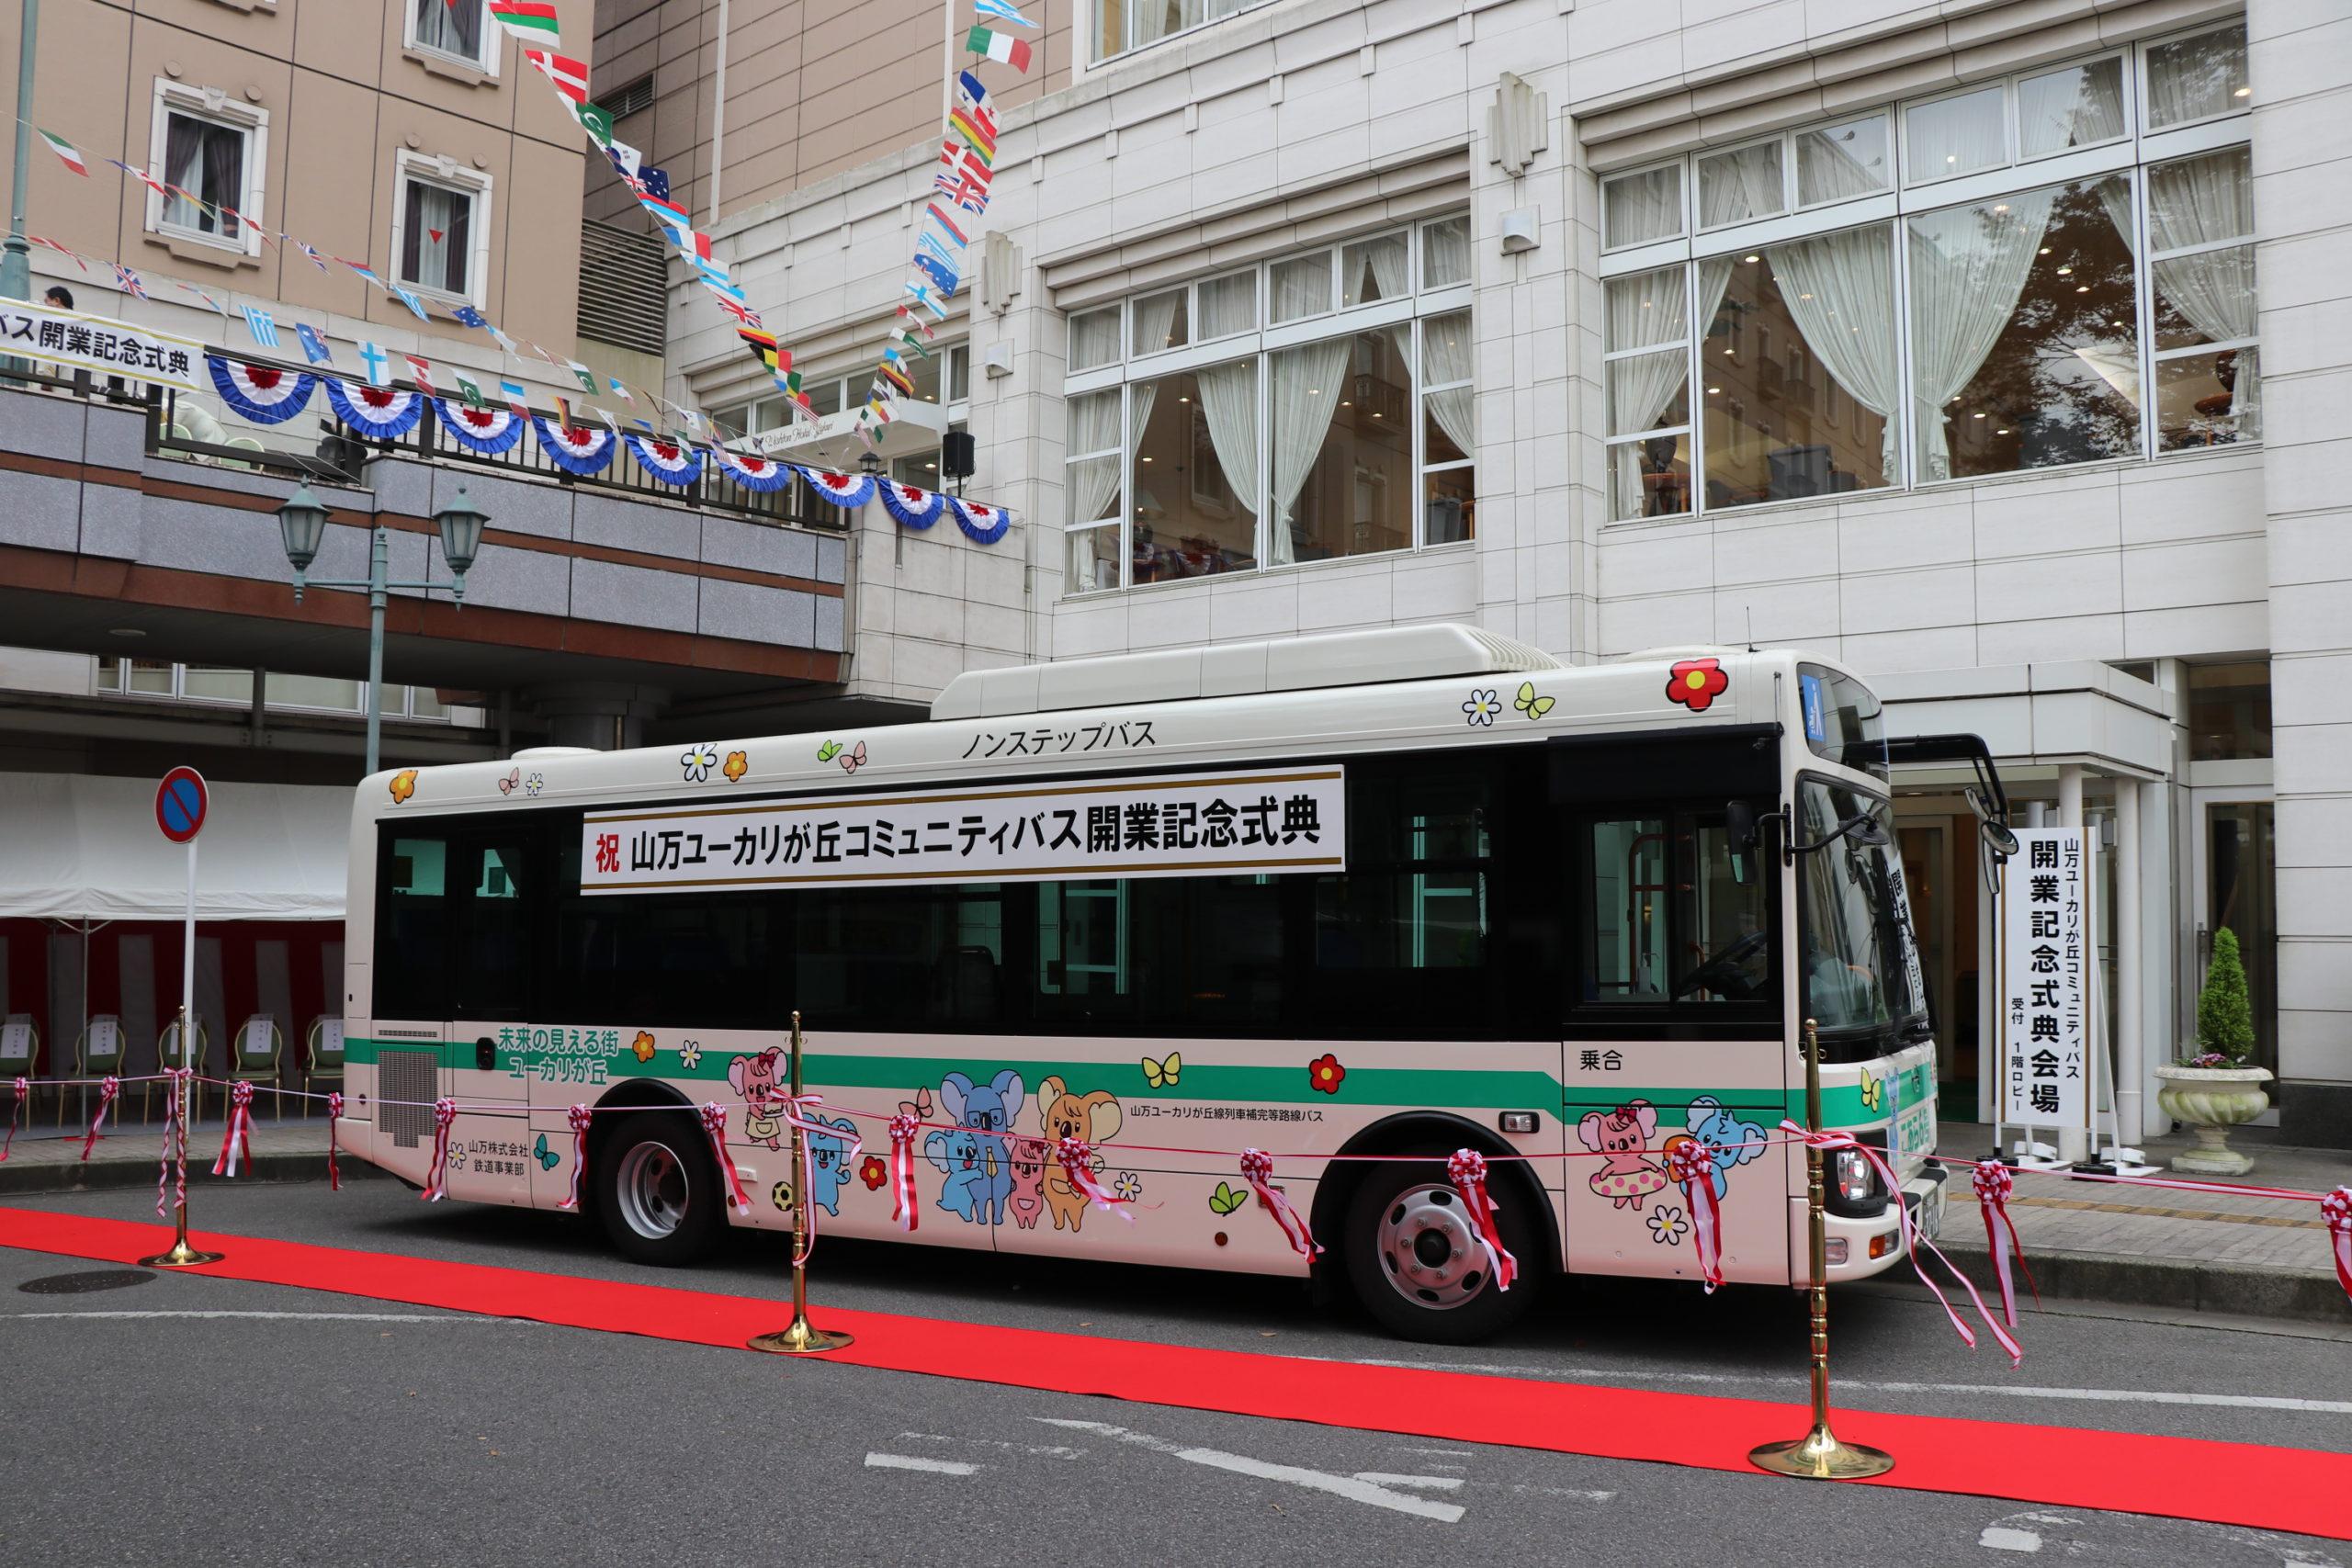 ユーカリが丘コミュニティバス開業記念式典開催&11/7より運行開始!